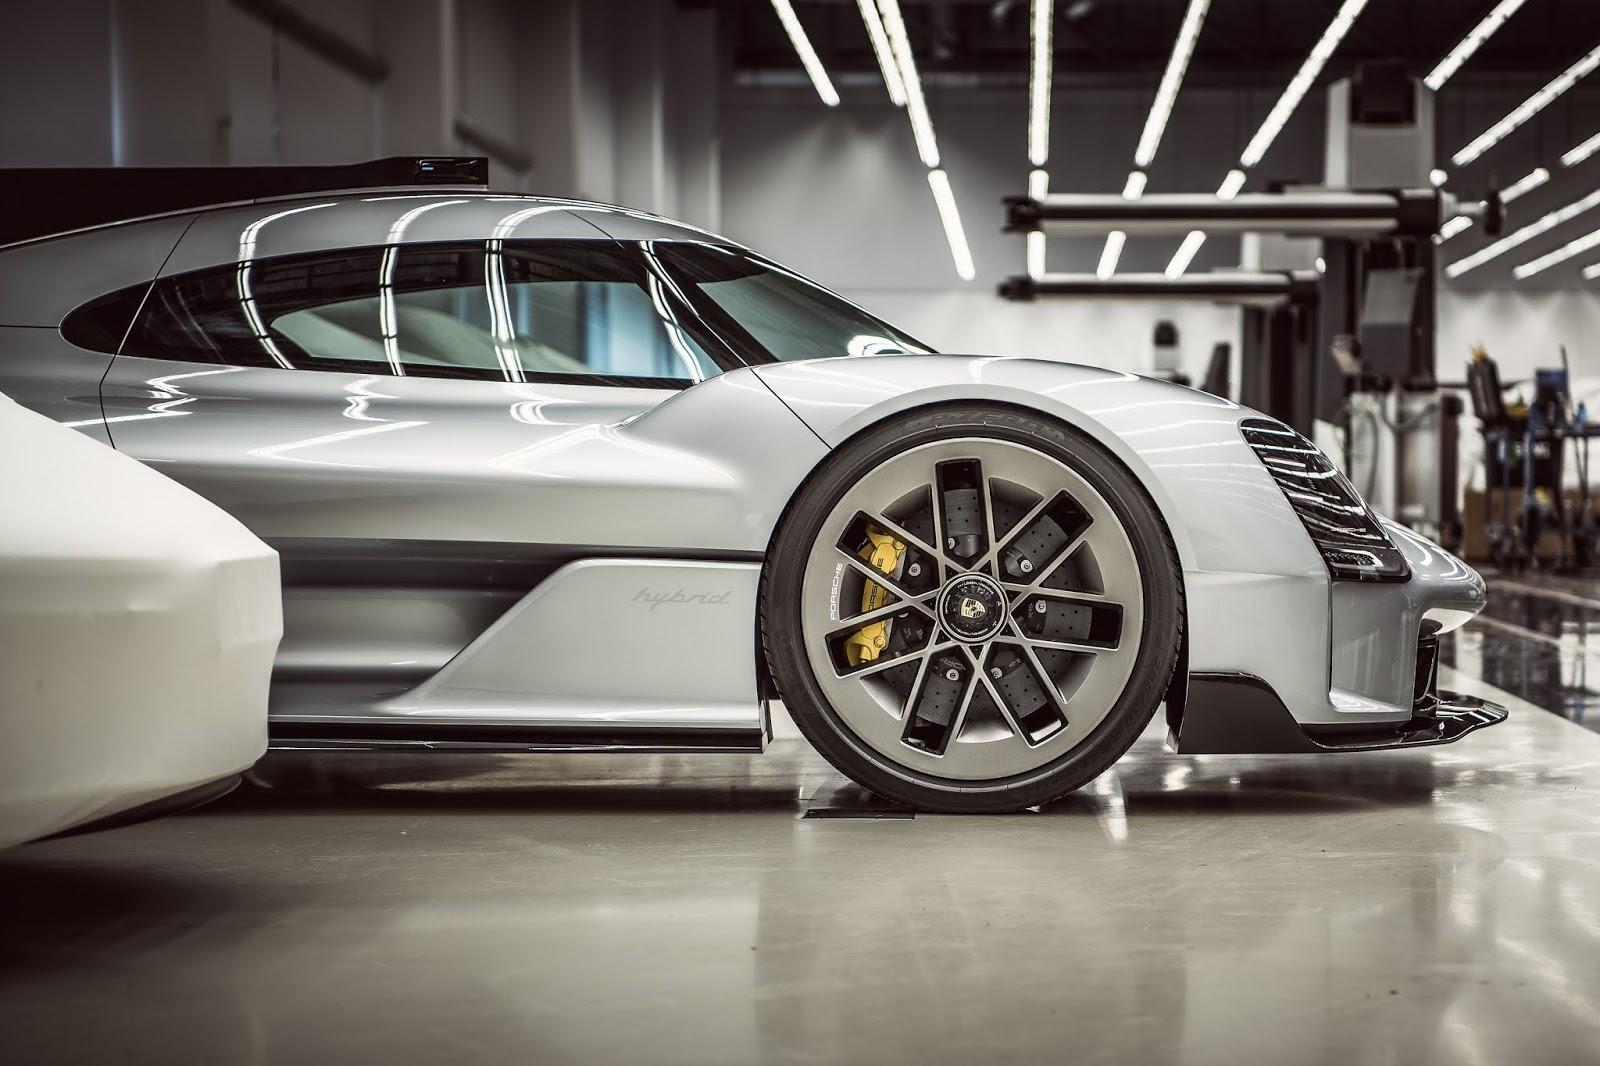 CUR7382 2 Τα άγνωστα Hypercars της Porsche hypercar, Porsche, Porsche Unseen, Sunday, supercar, supercars, zblog, ειδήσεις